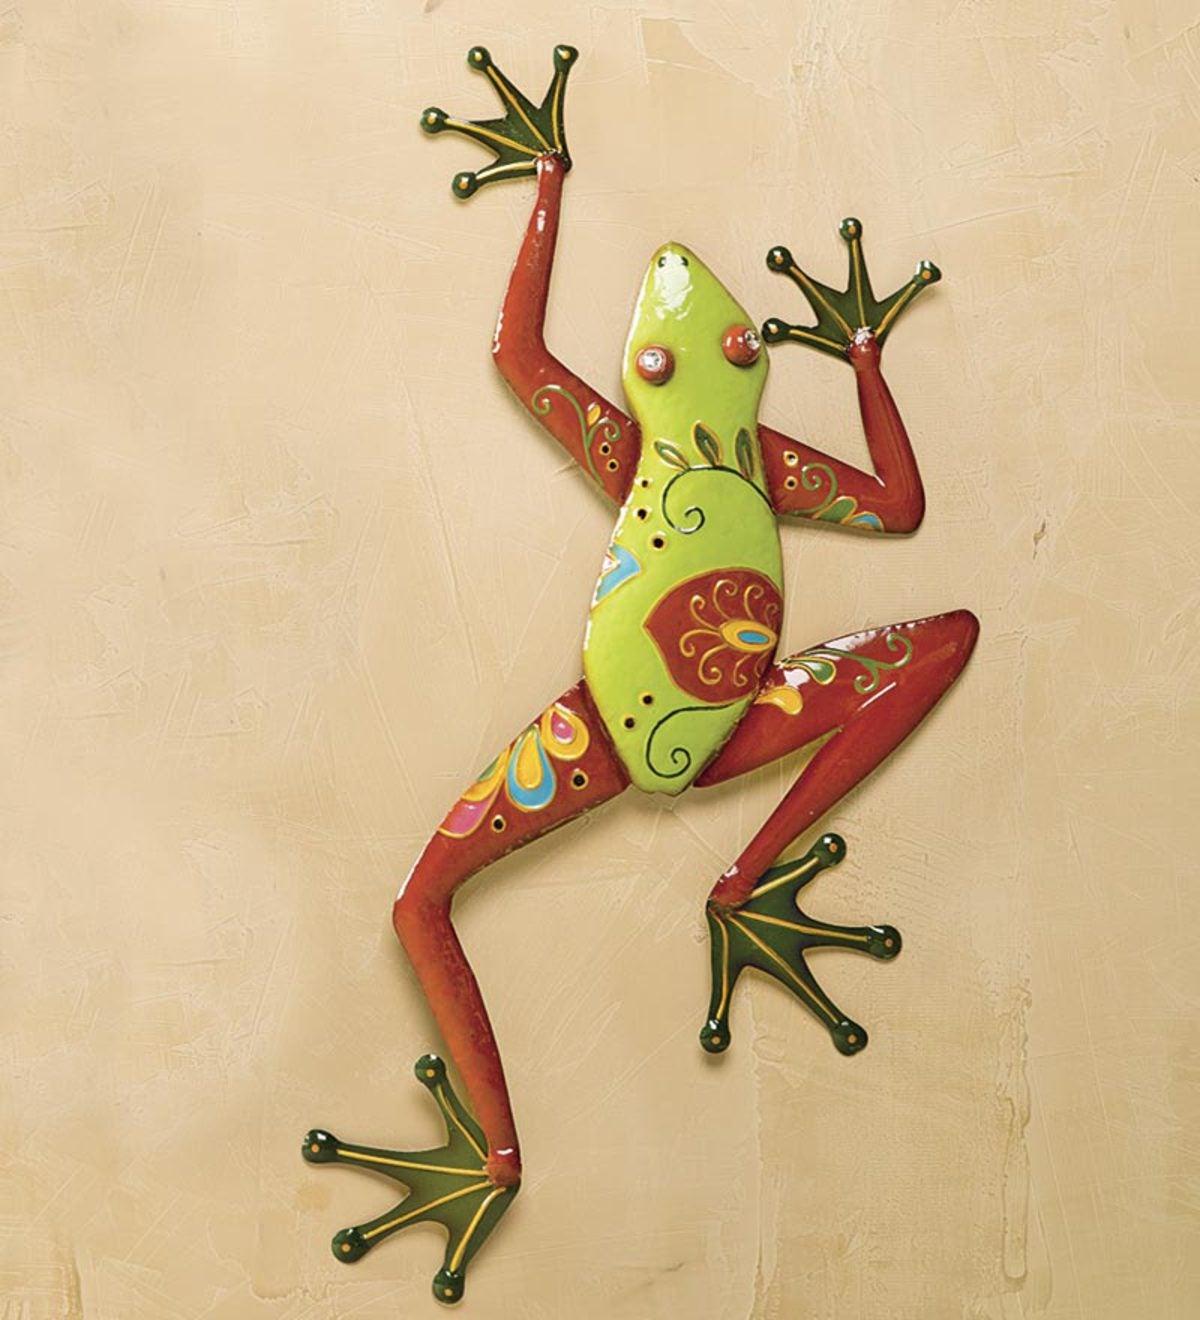 Talavera Painted Metal Frog Wall Art   PlowHearth